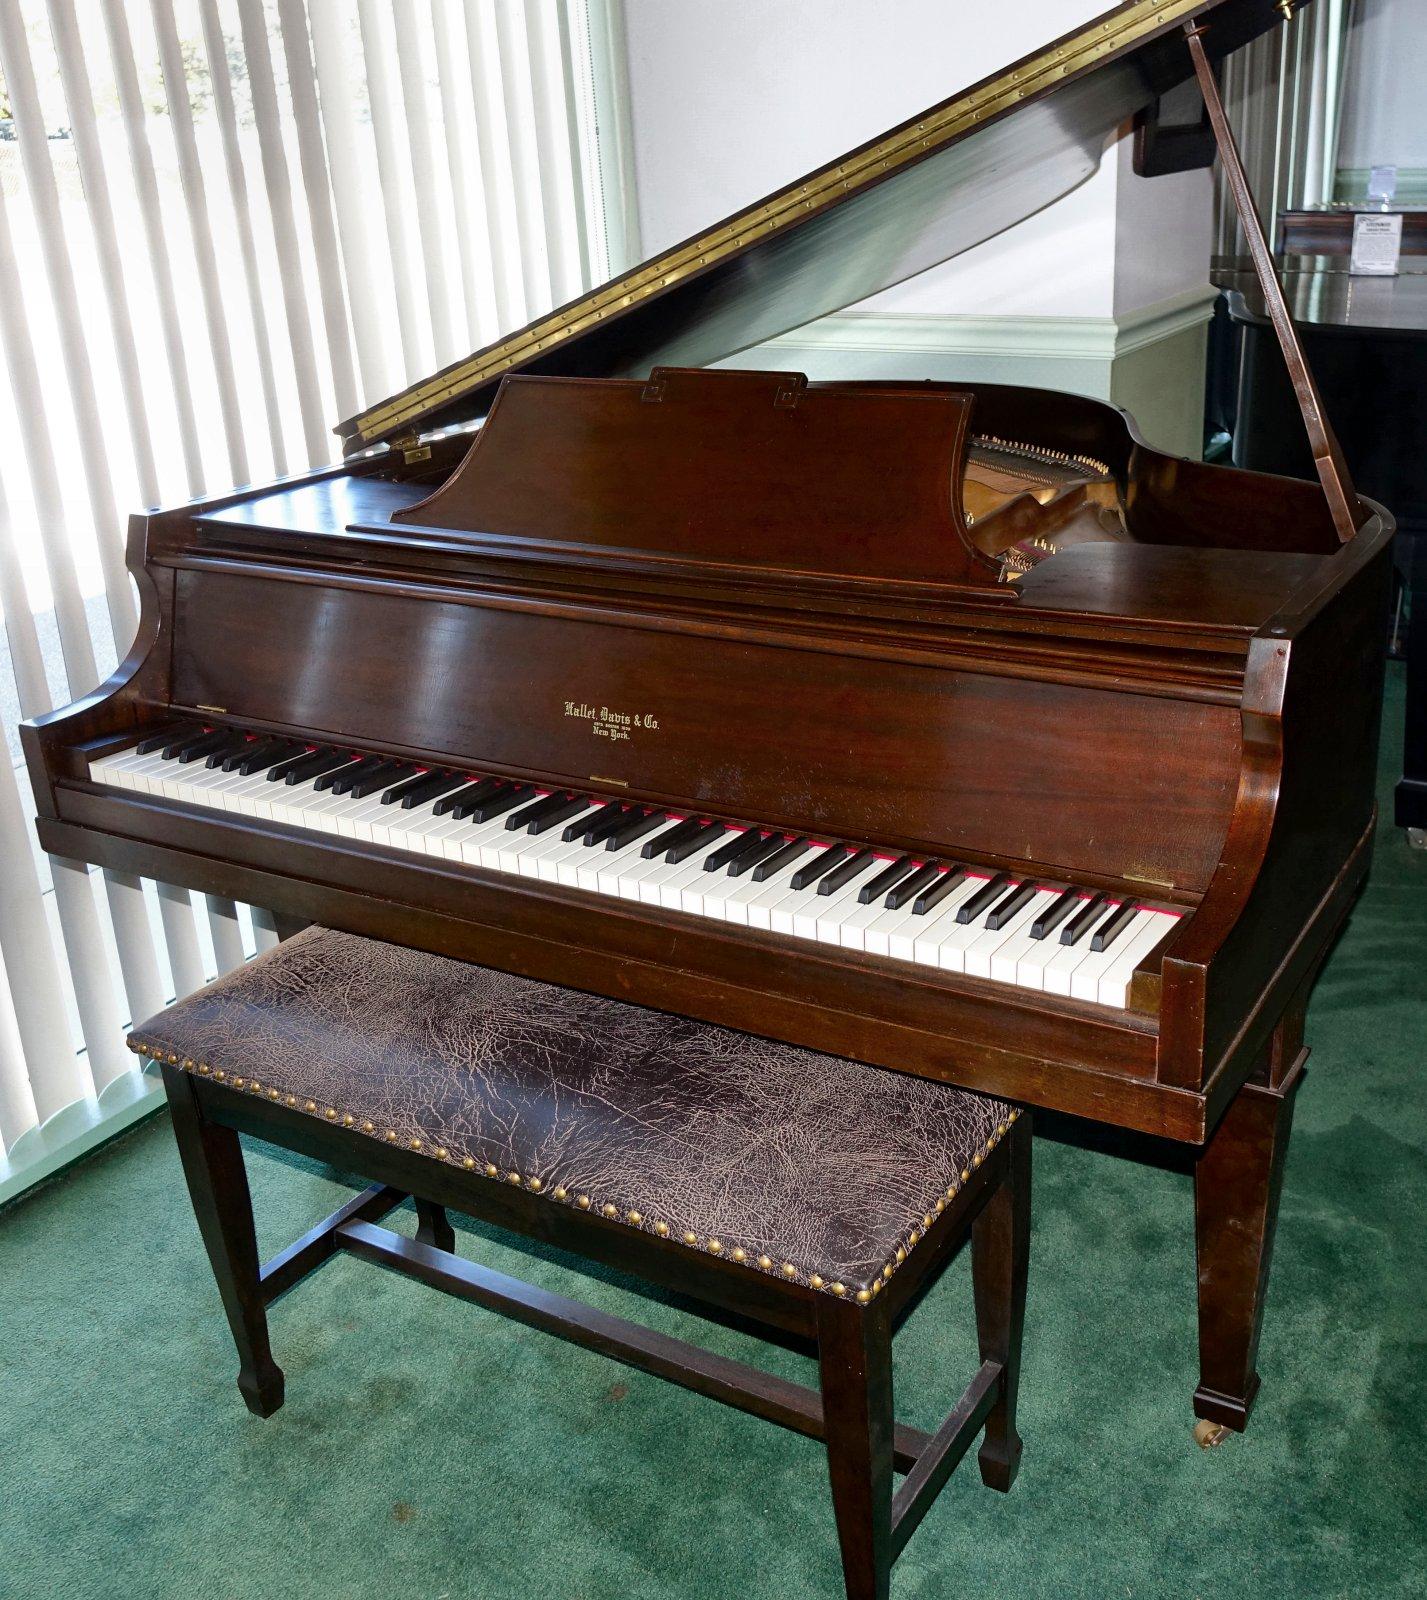 """Bill Kap Piano pany """"Ohio s st Piano Showcase"""""""